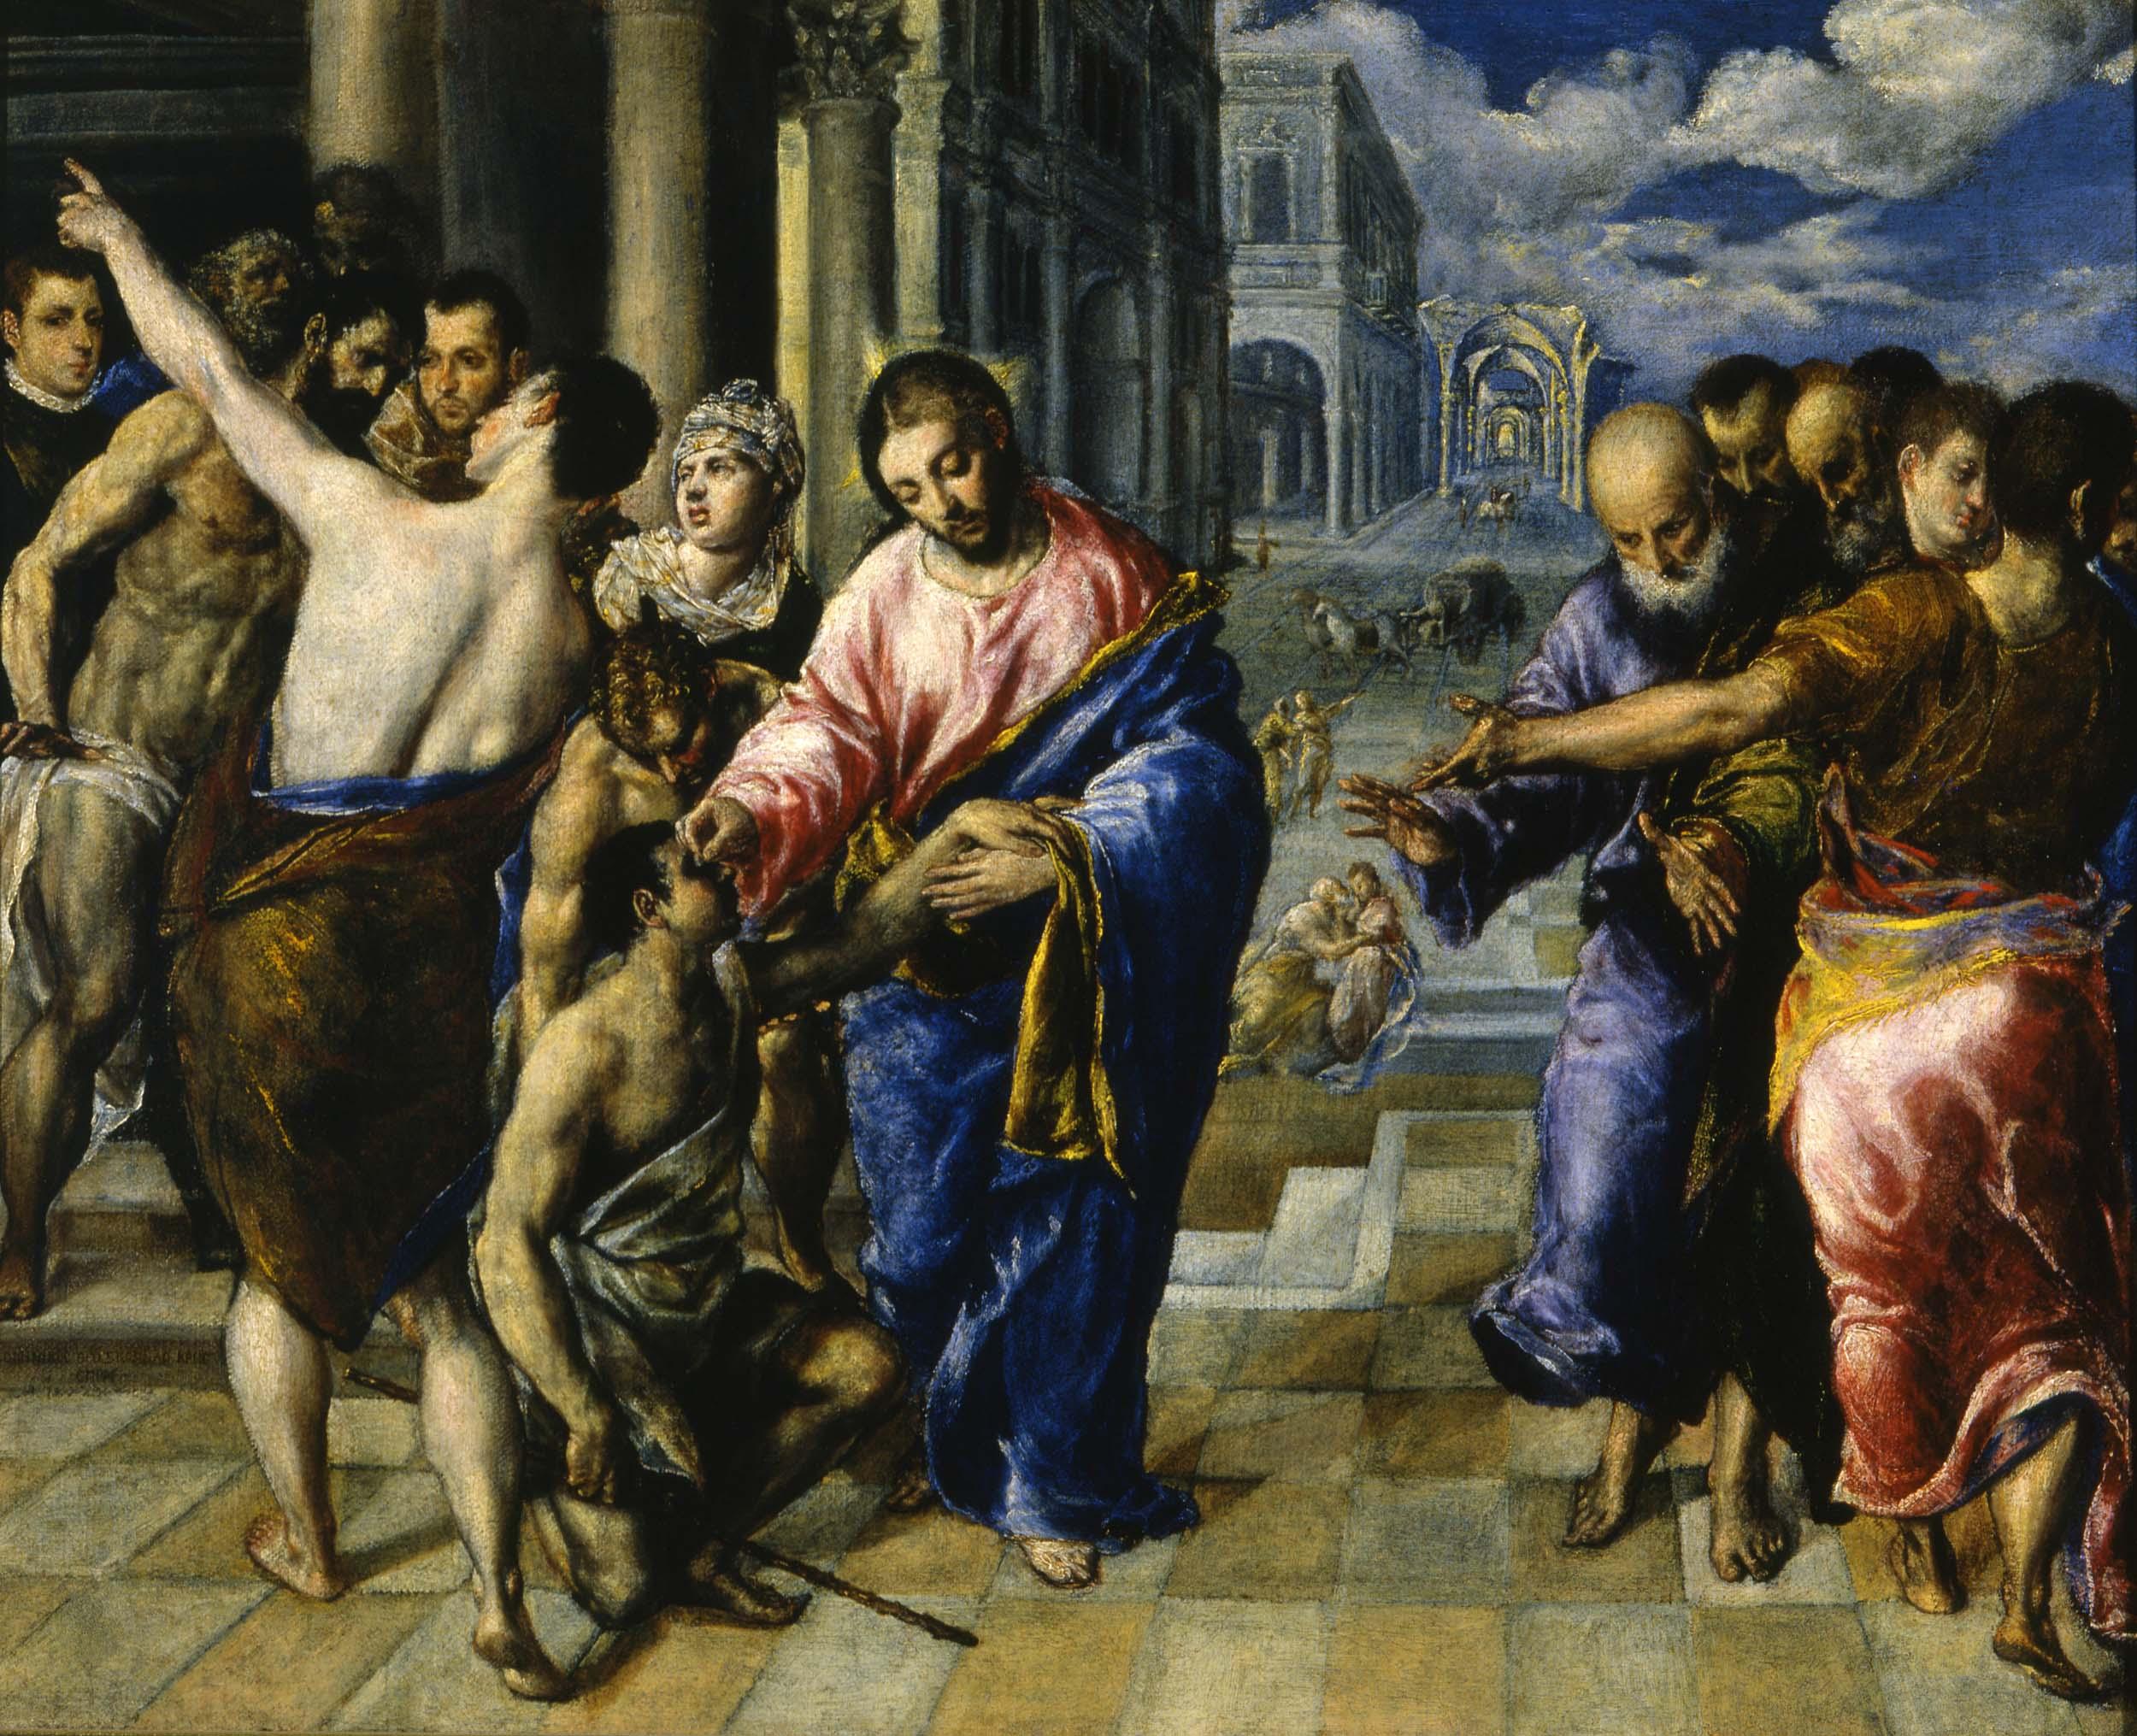 Domínikos Theotokópoulos detto El Greco, Guarigione del cieco, 1573-74